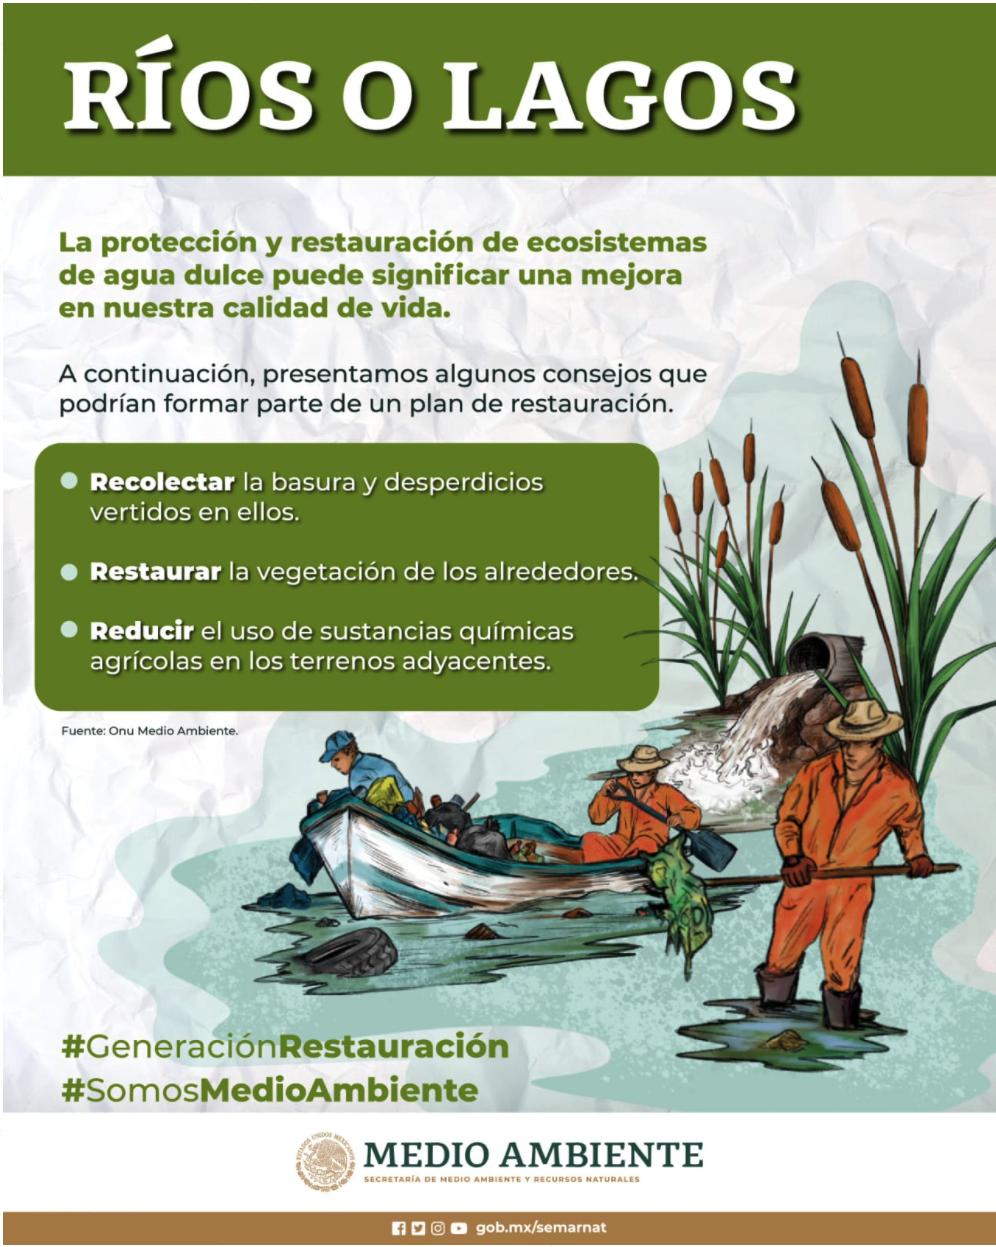 Protección y restauración a ríos o lagos (Infografía)